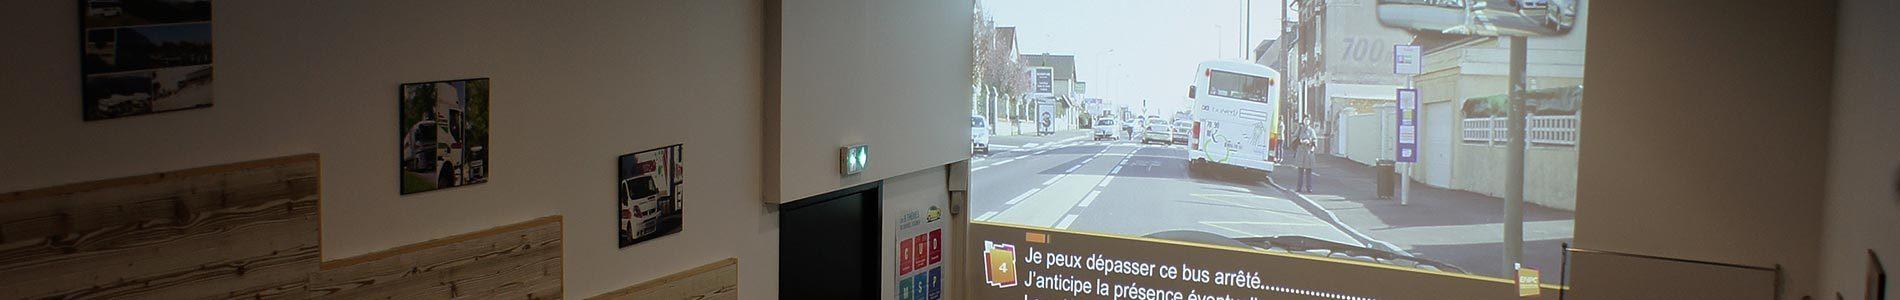 Mendiboure formation - Examen code de la route francophone